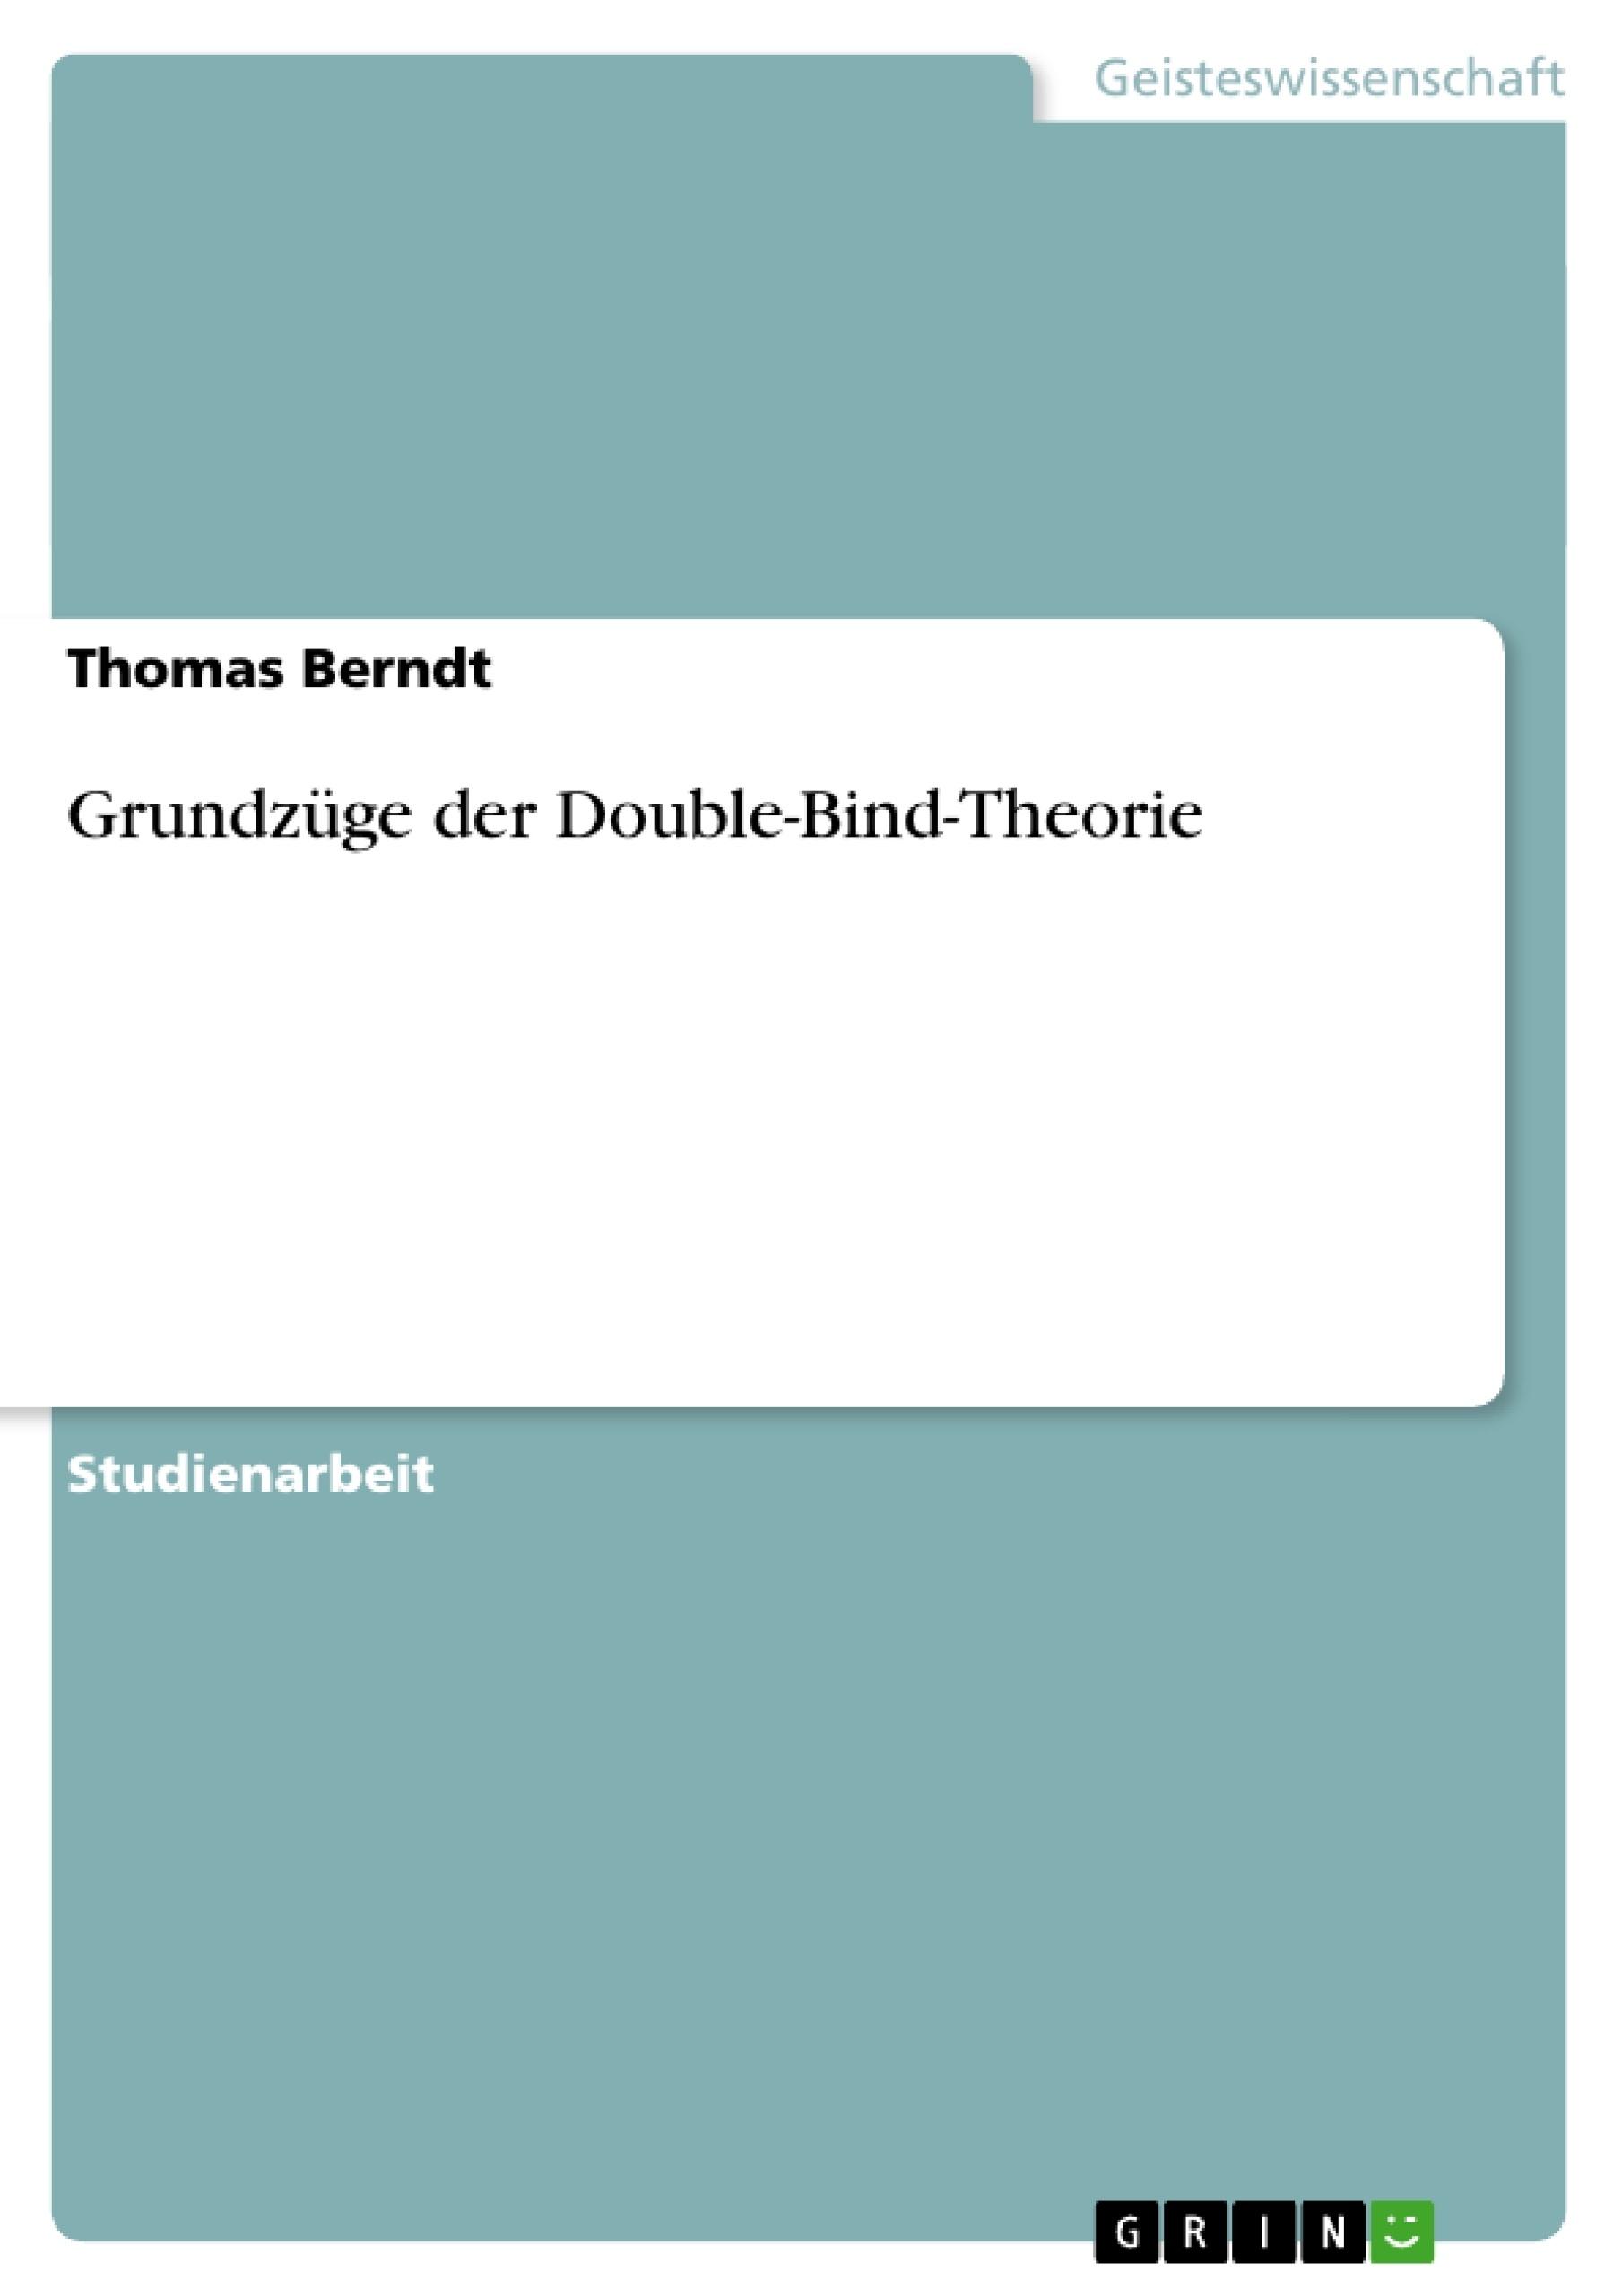 Titel: Grundzüge der Double-Bind-Theorie